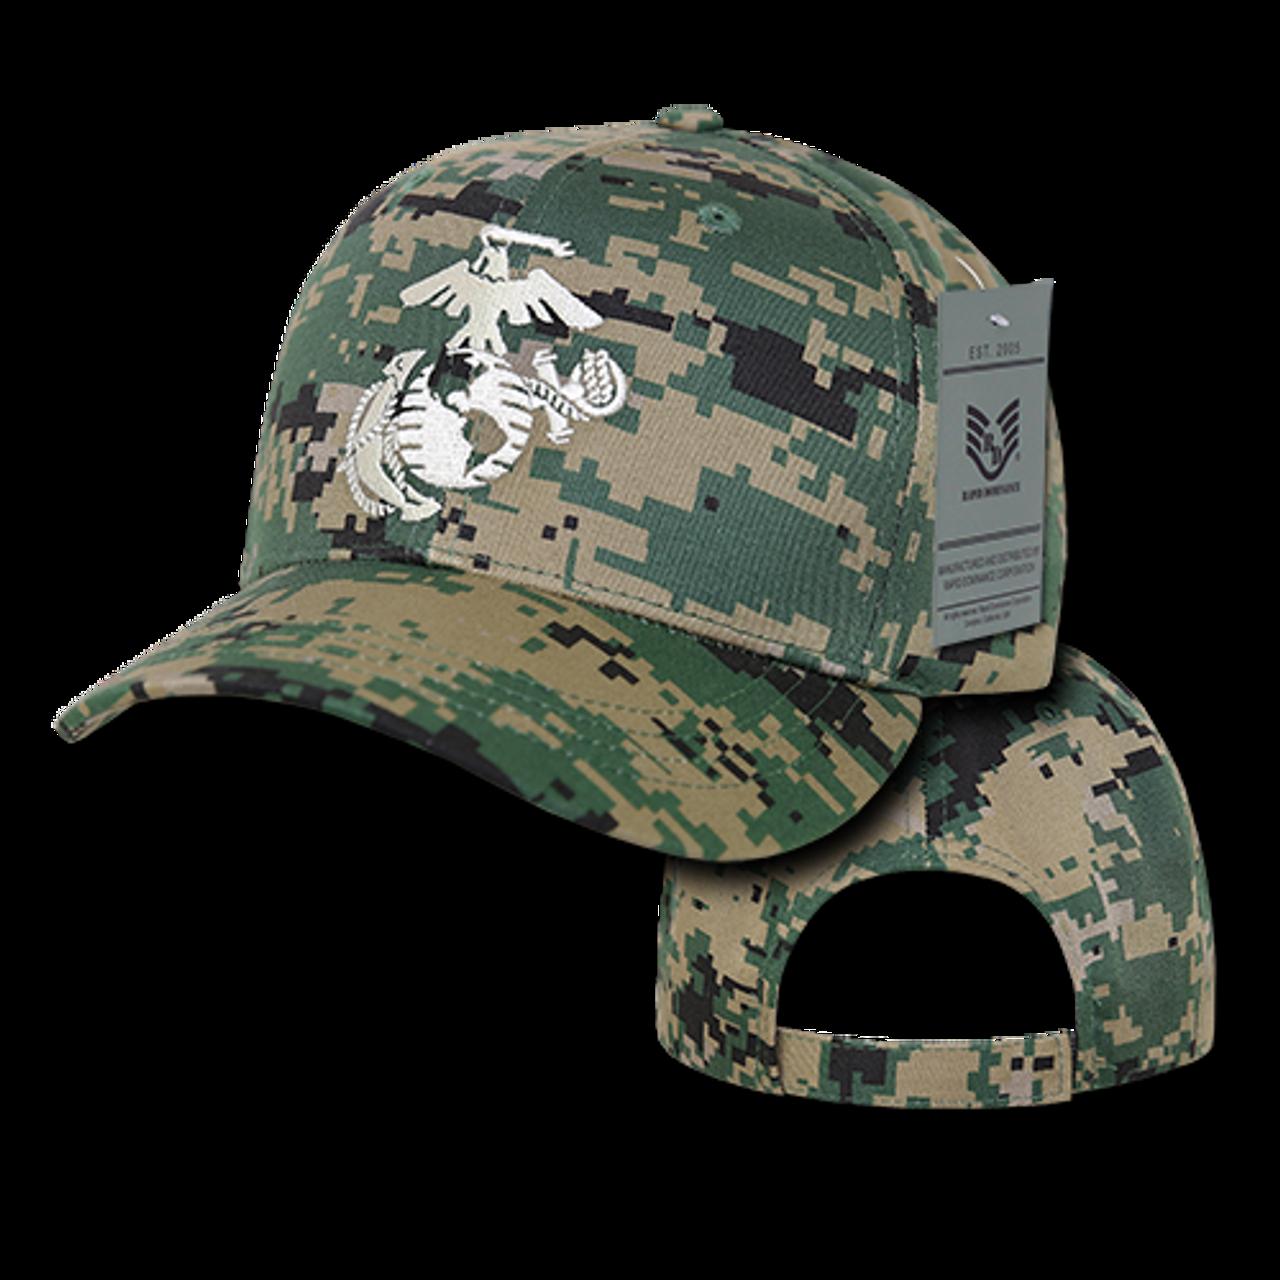 S76 - Military Hat - U.S. Marines Logo - MCU - USMILITARYHATS.COM 5ecc94d61f09